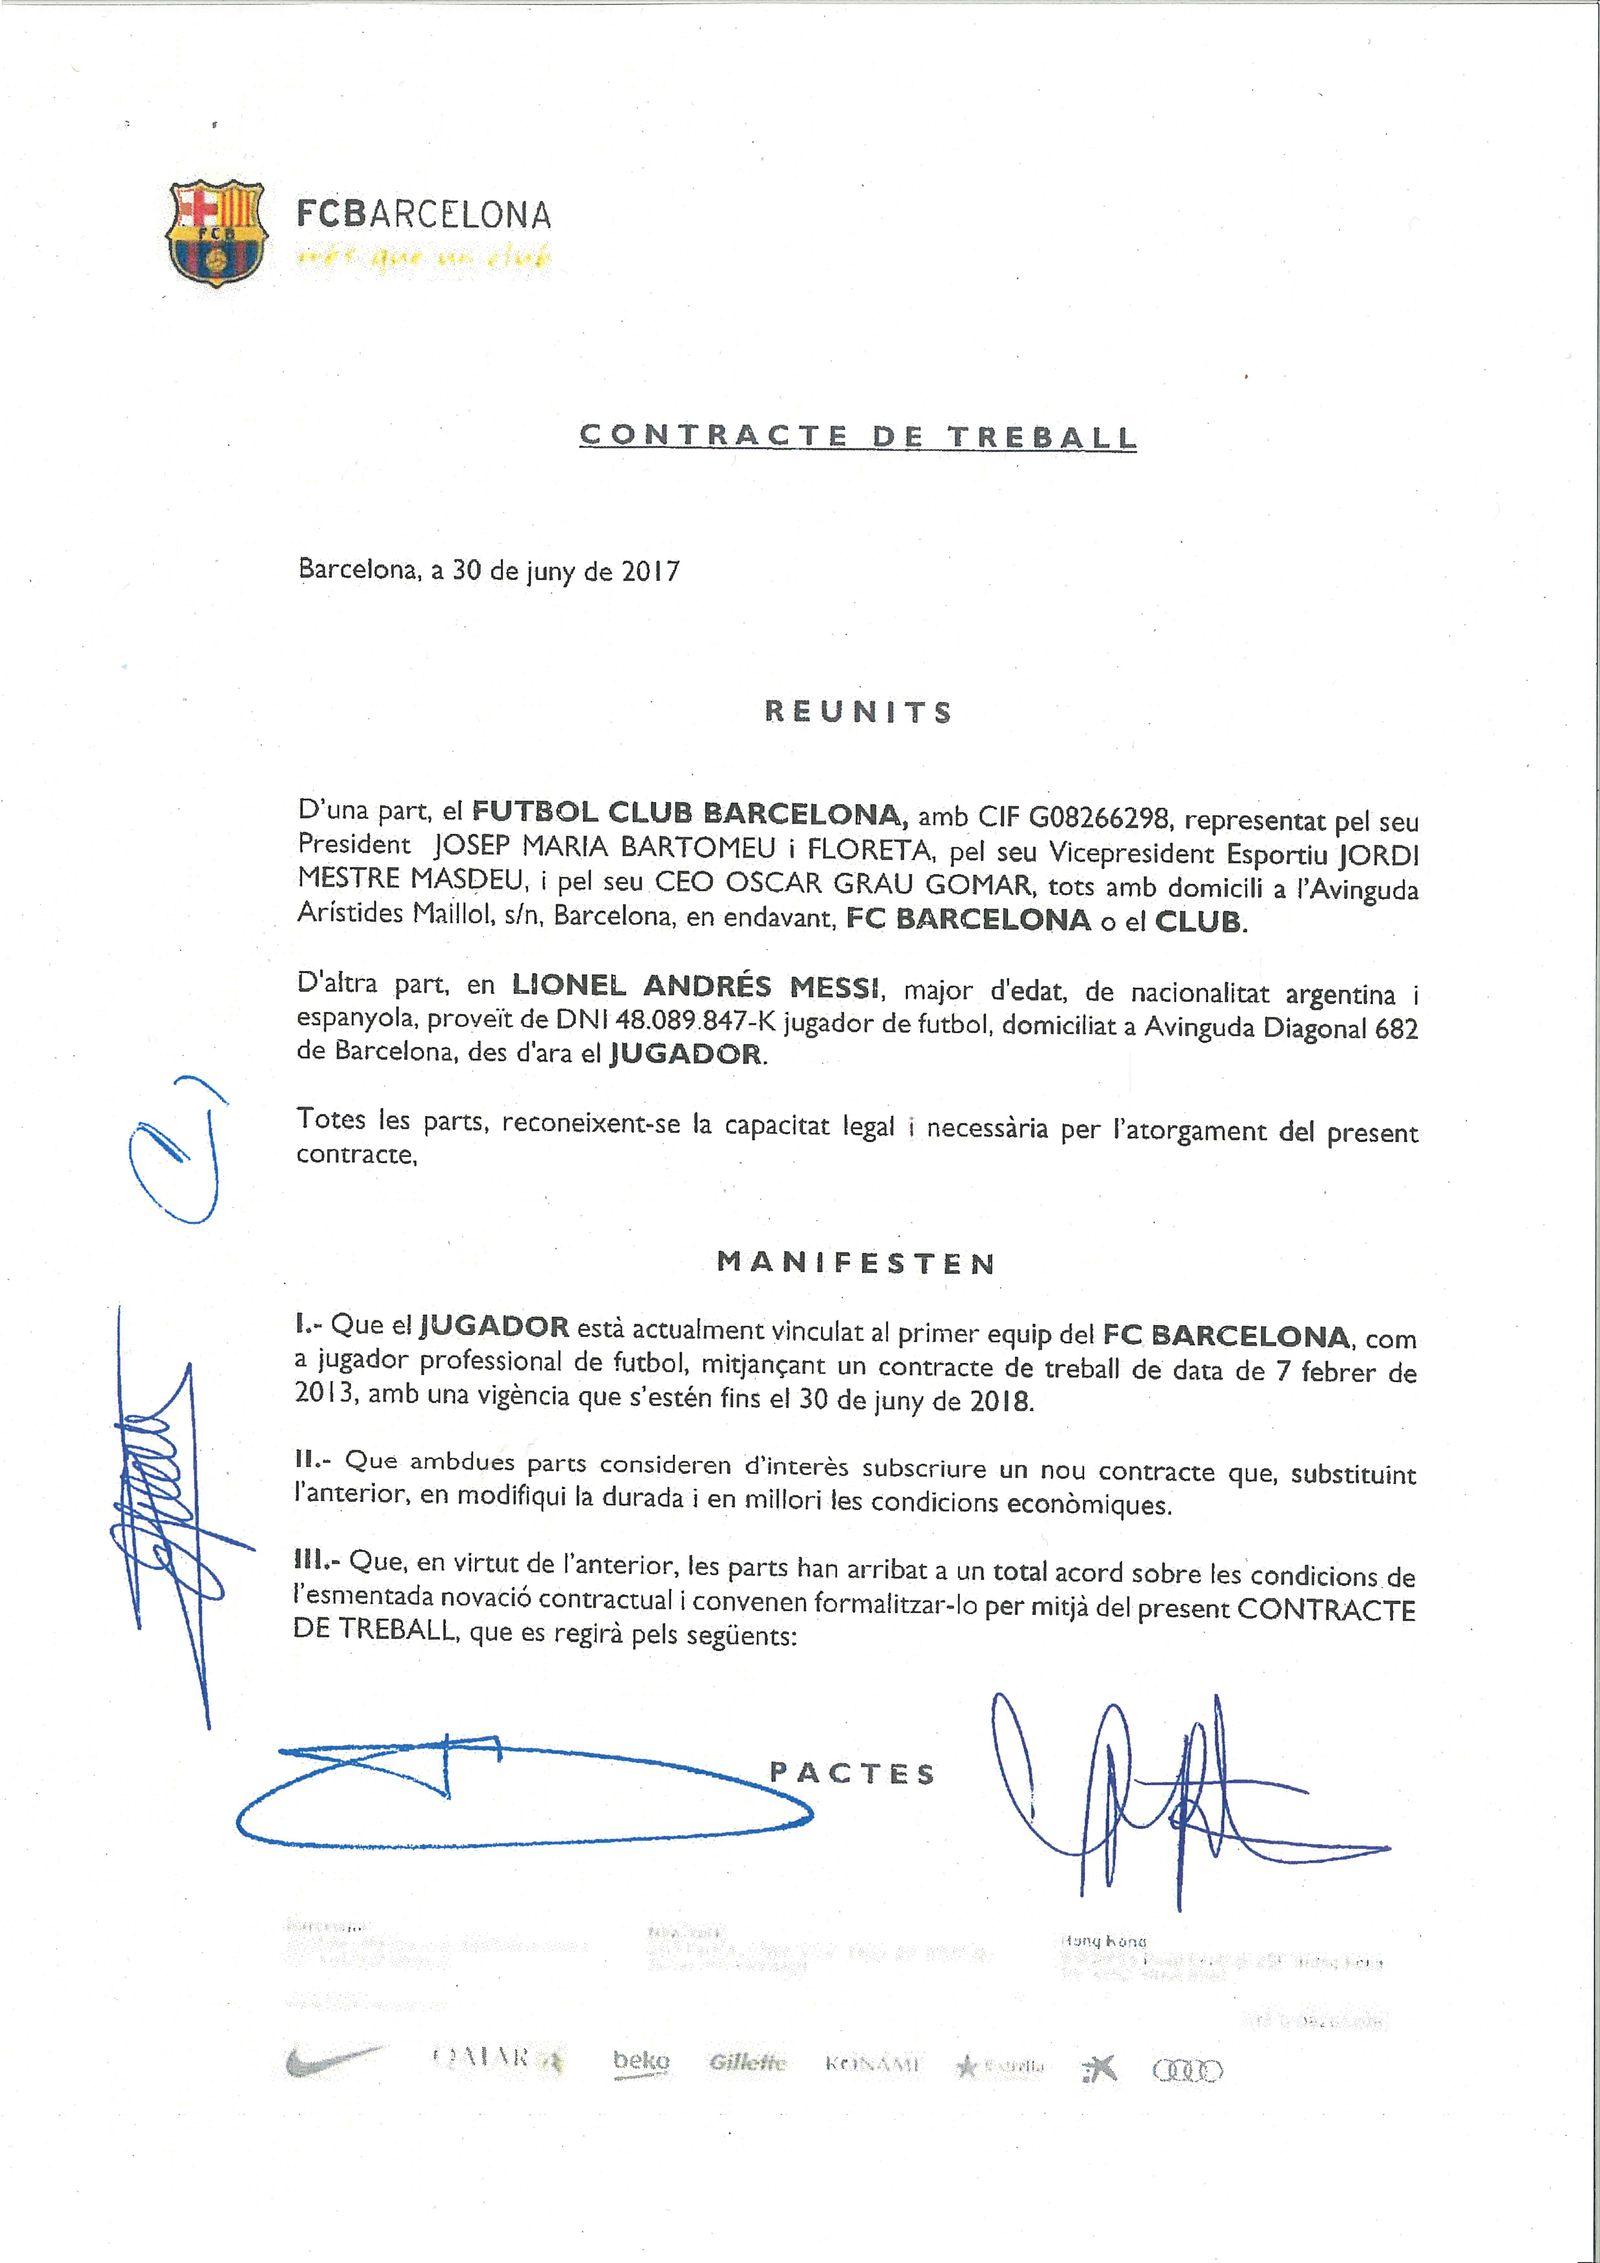 EINMALIGE VERWENDUNG Arbeitsvertrag Messis vom 30. Juni 2017 (SPIN/PLUS/VORAB)